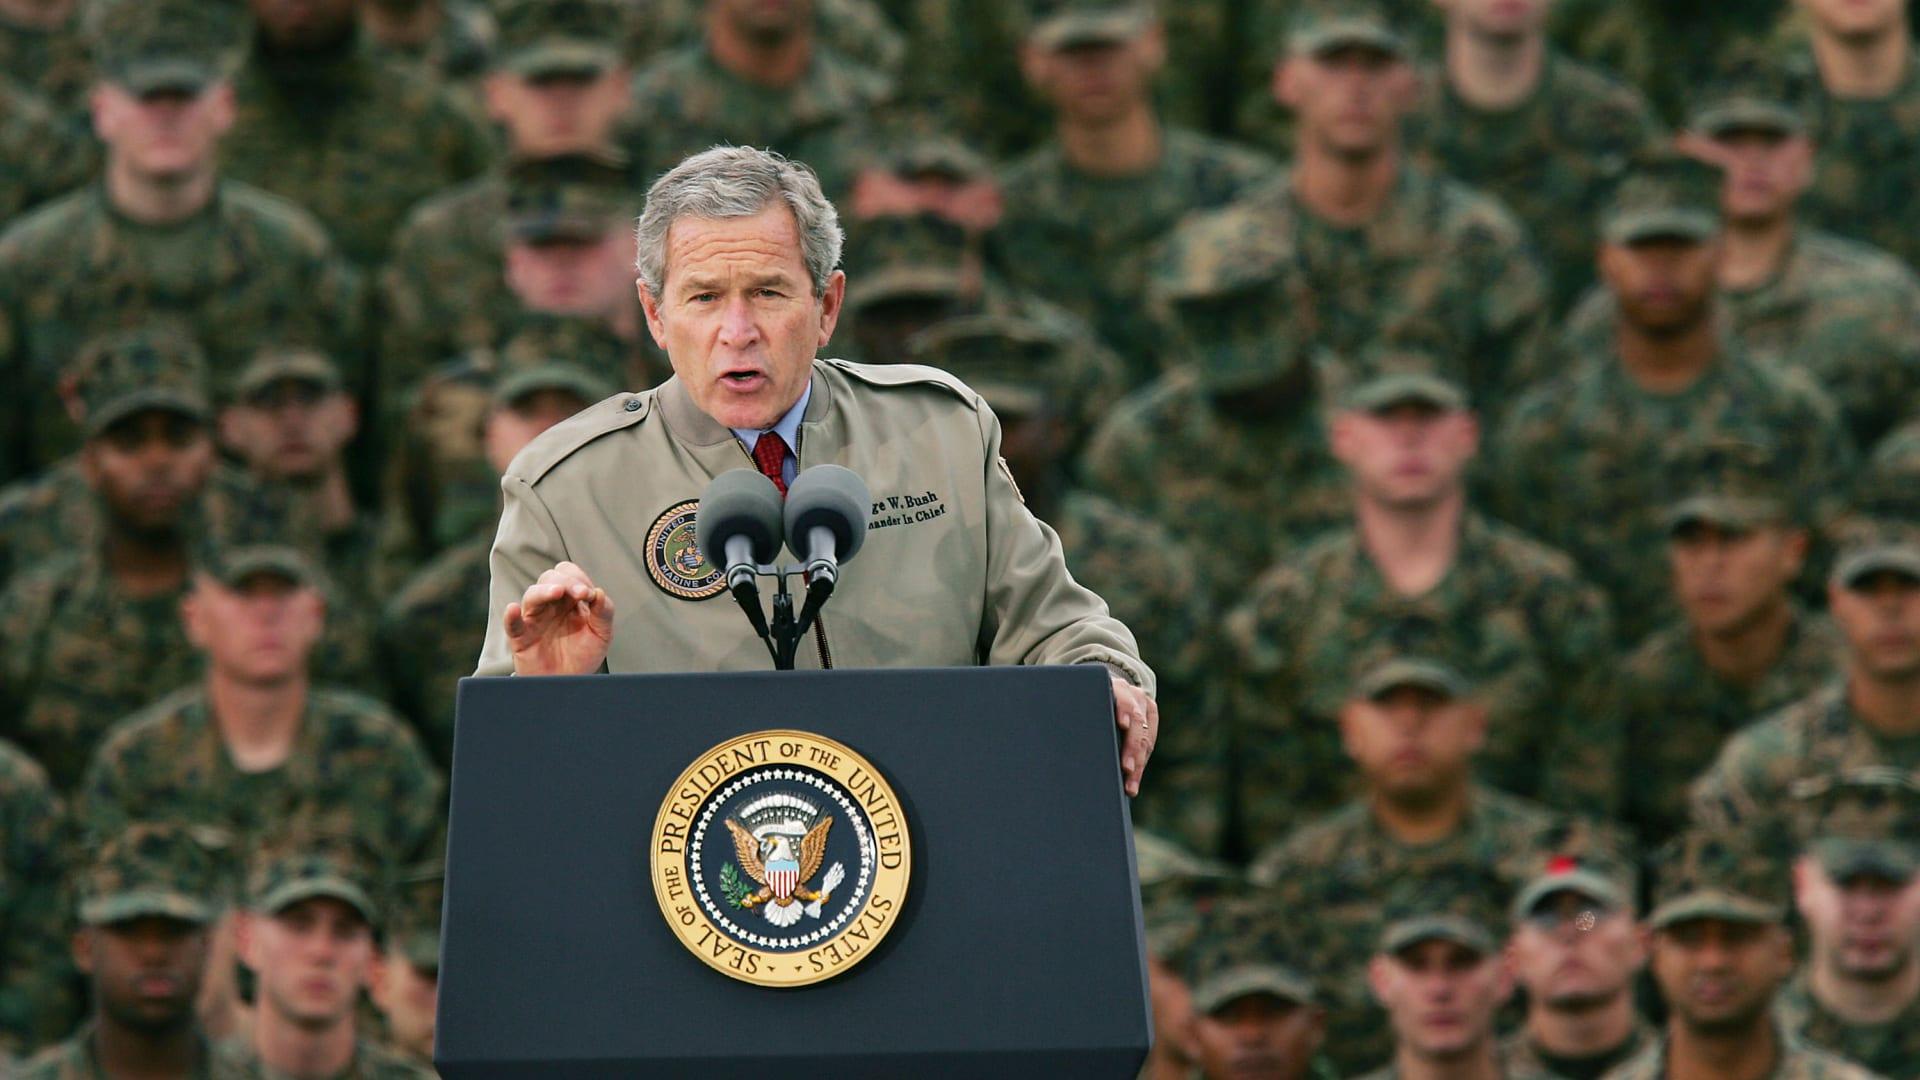 صورة أرشيفية للرئيس الأمريكي الأسبق، جورج بوش